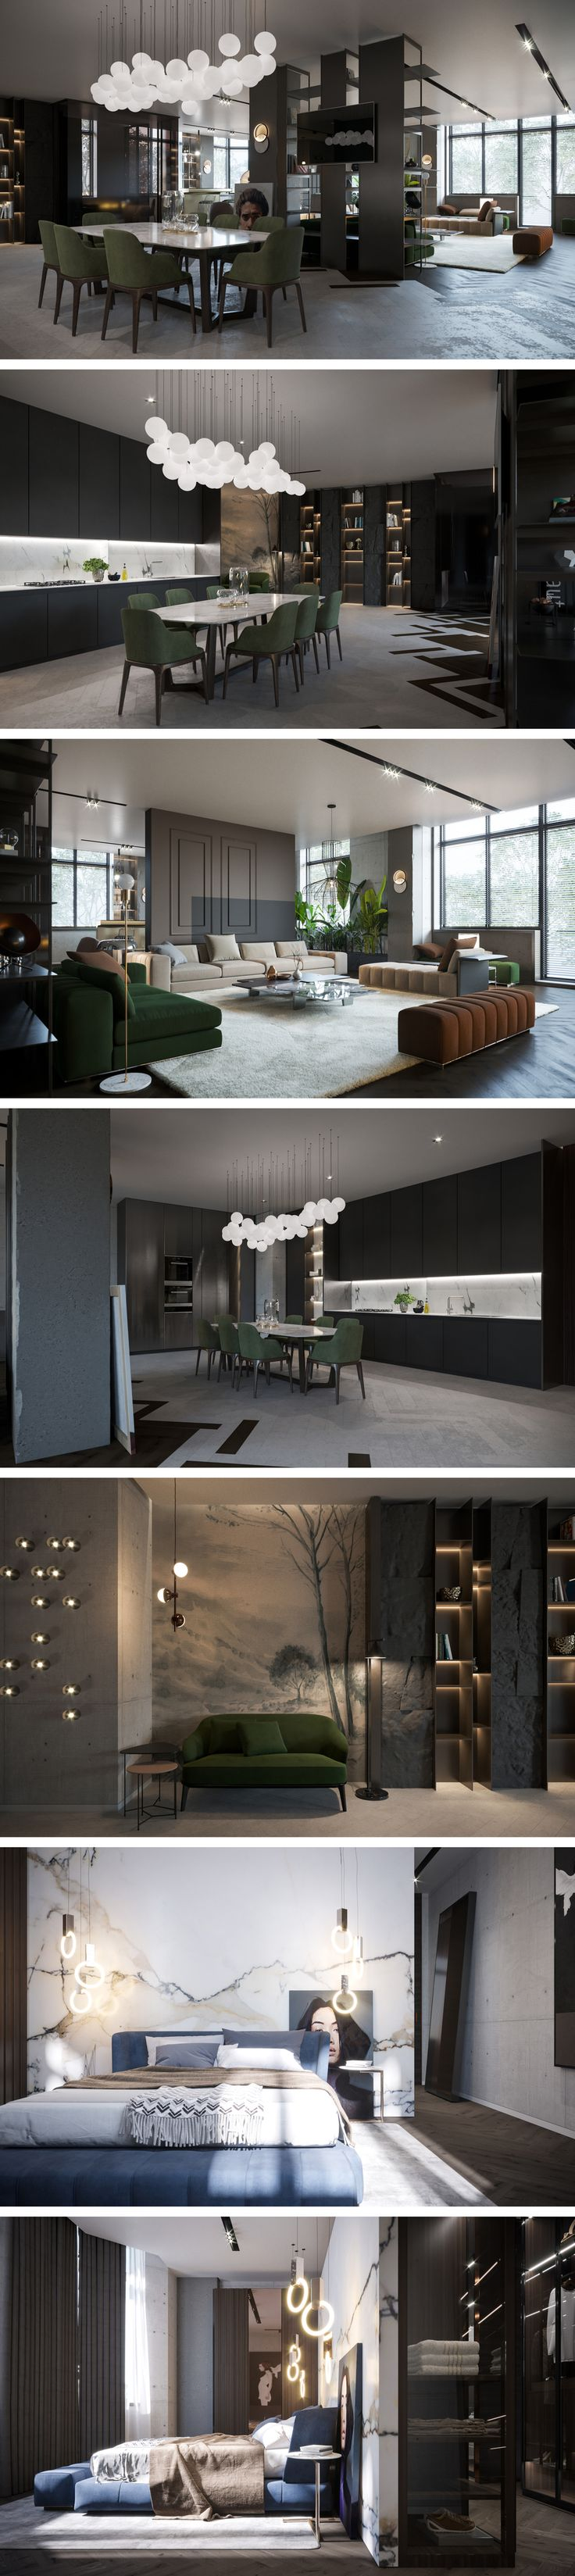 Современный интерьер в темных тонах - Галерея 3ddd.ru